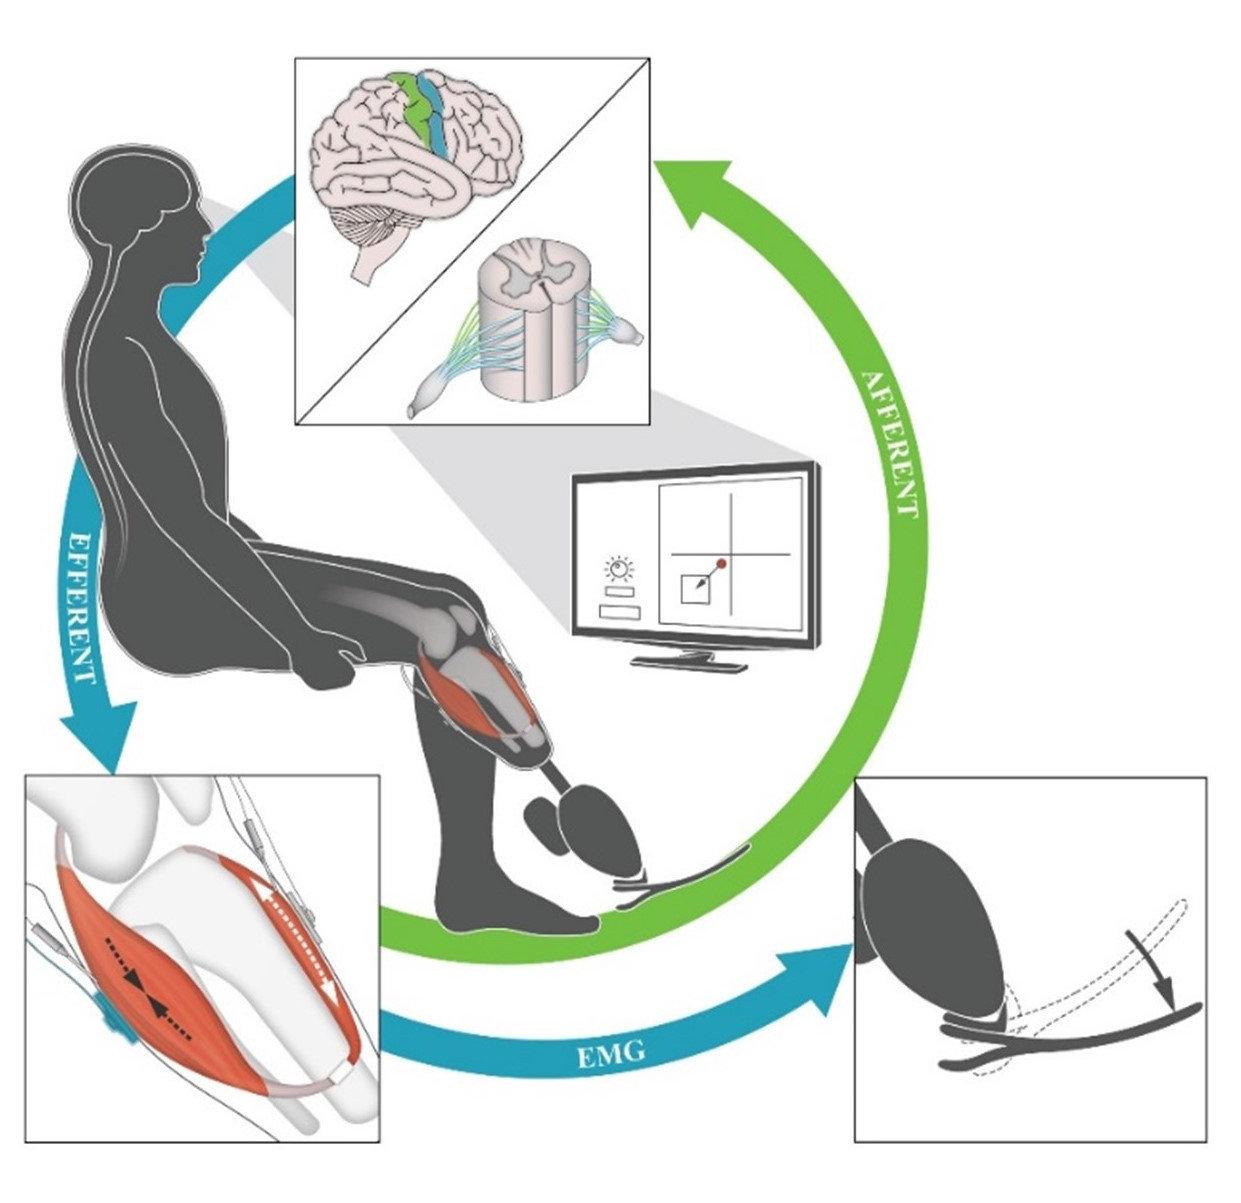 Картинки по запросу bionic prosthesis with precise coordination of movements